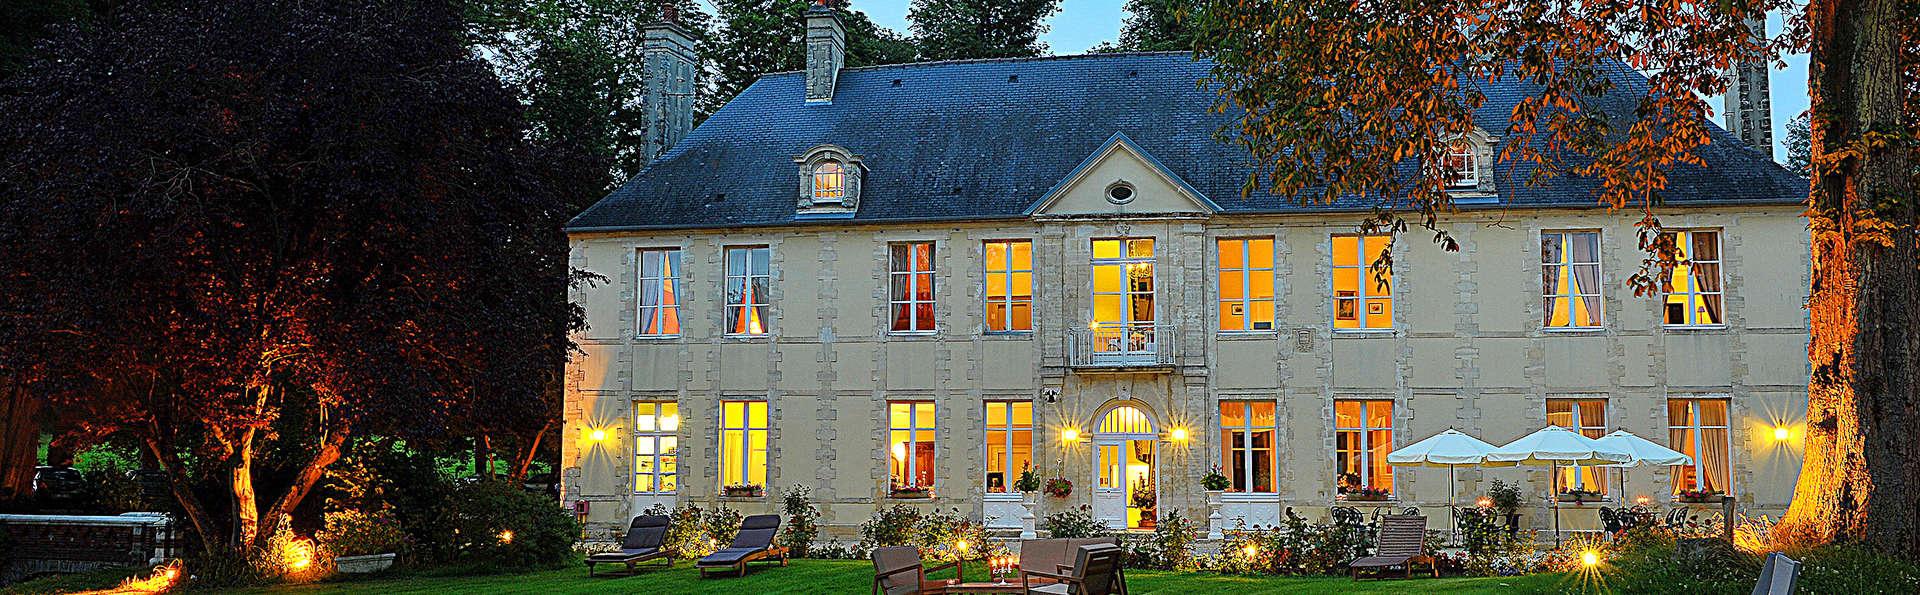 Château de Bellefontaine  - EDIT_front.jpg